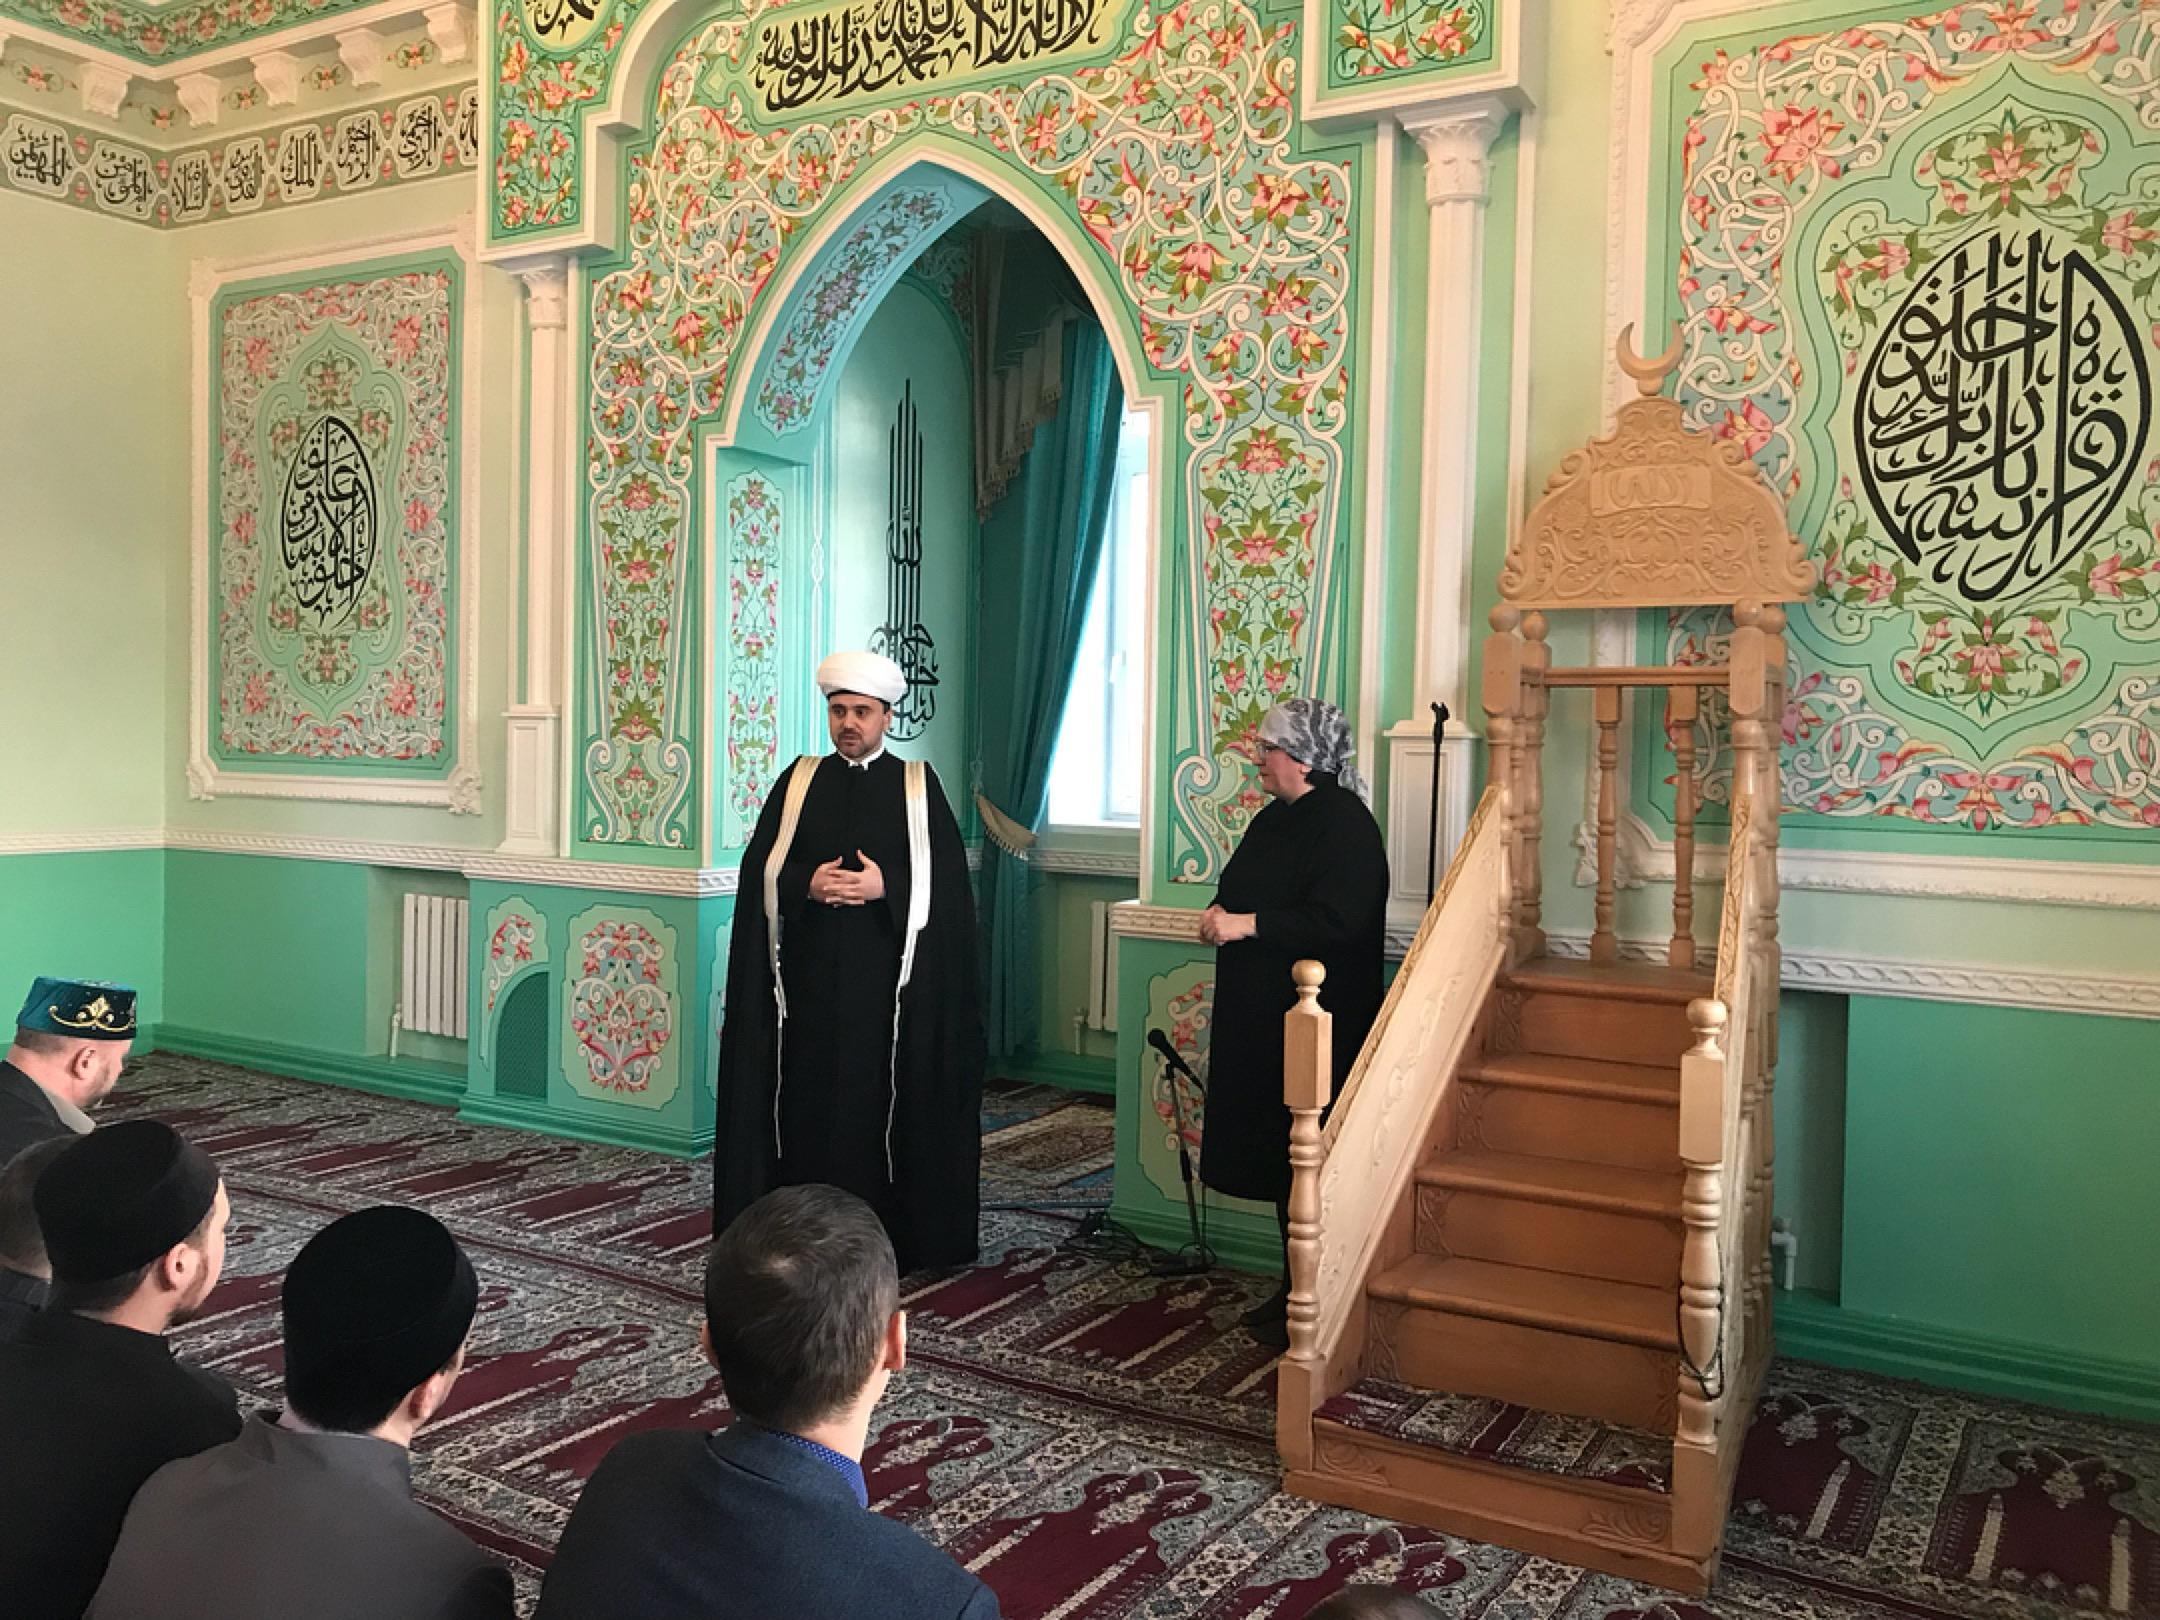 В Щелково состоялась встреча руководителей мусульманских общин Подмосковья с Председатеем ДУММО и Зампредом правительства МО